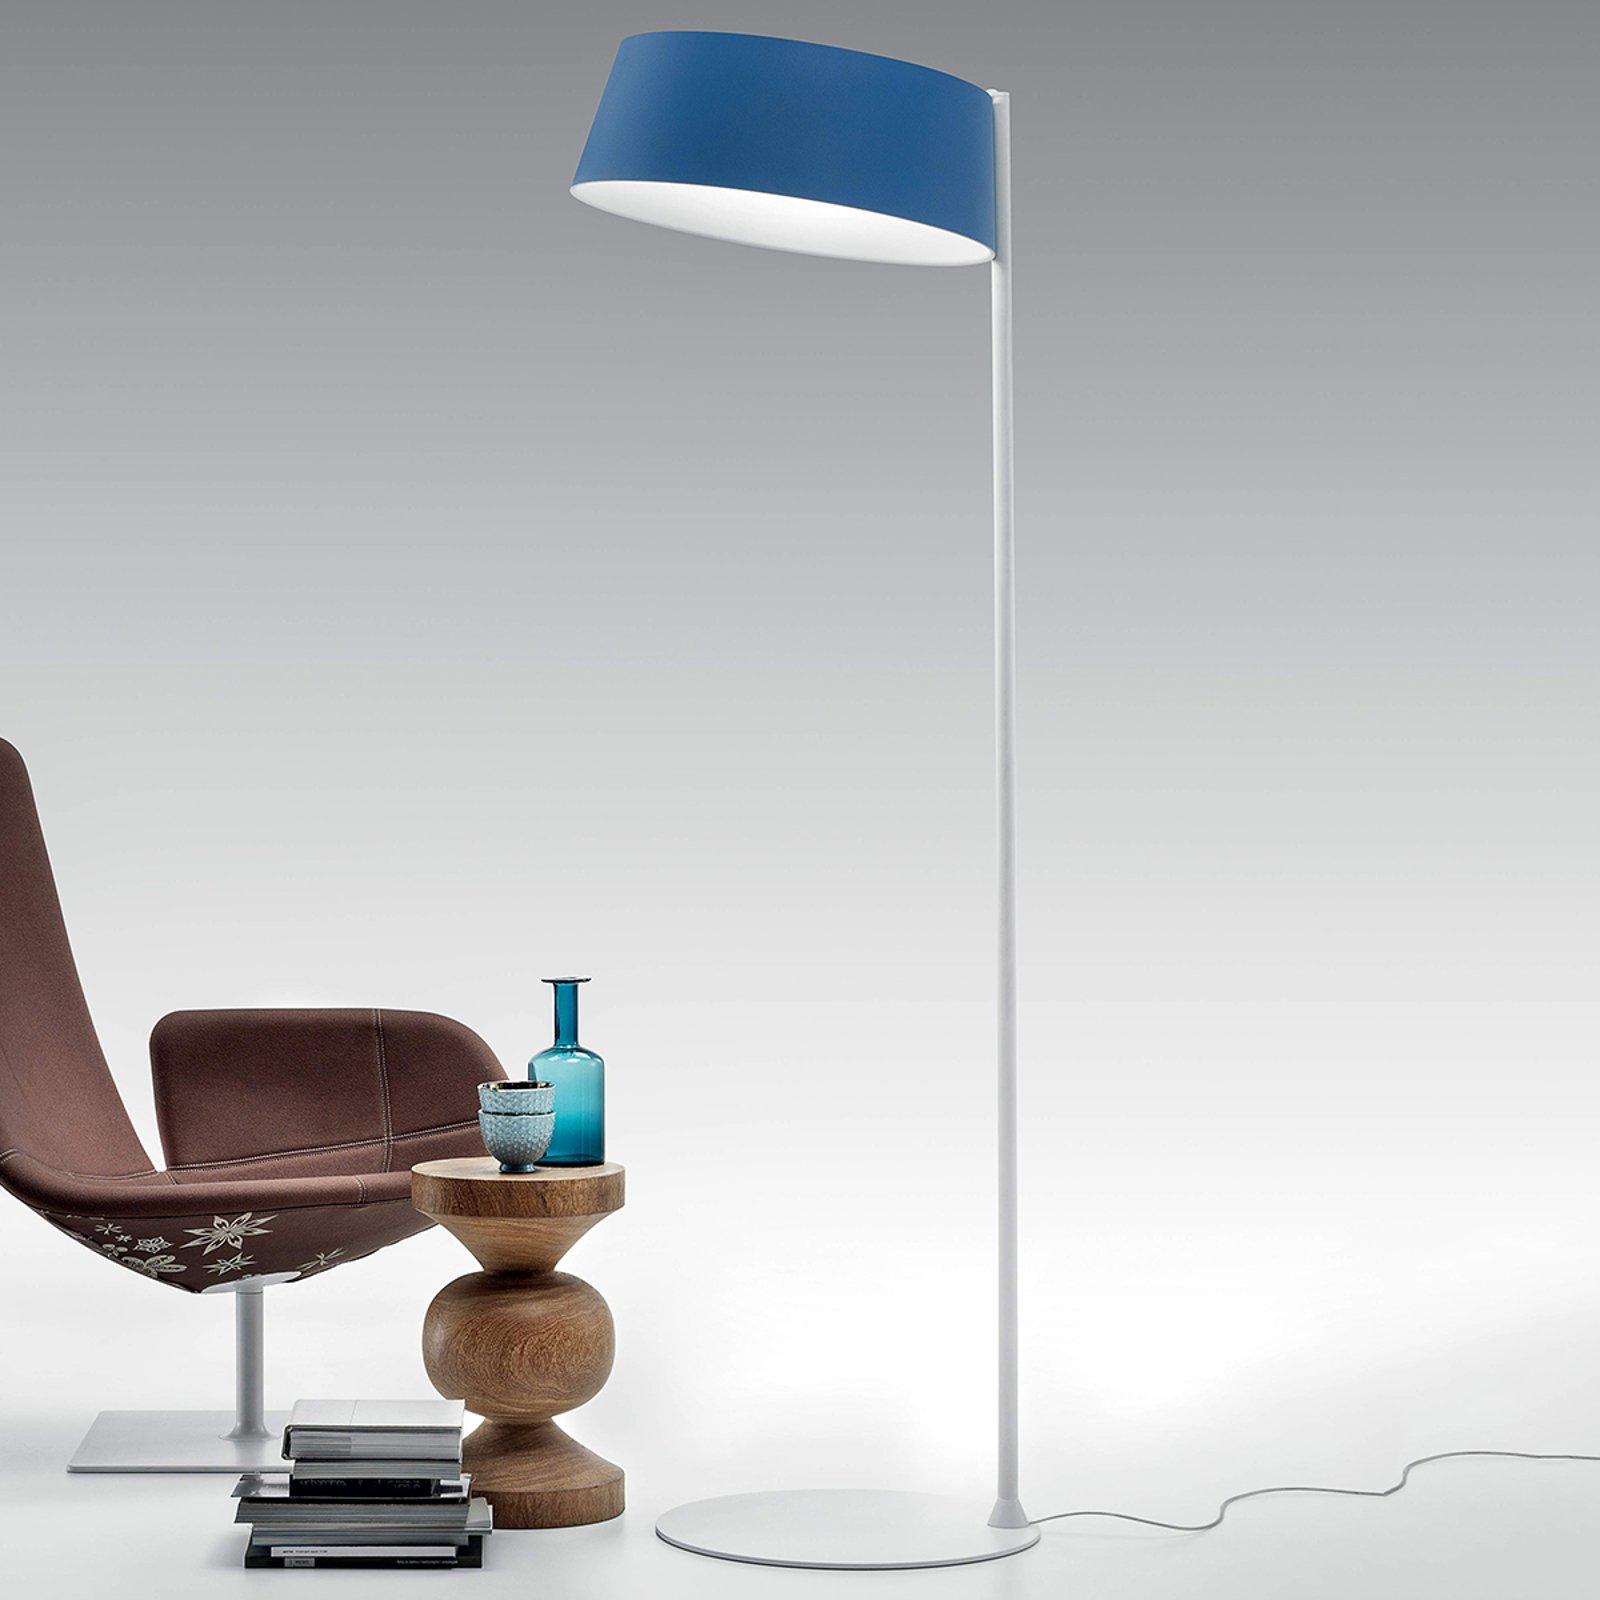 Oxygen_FL2 LED-gulvlampe, azurblå